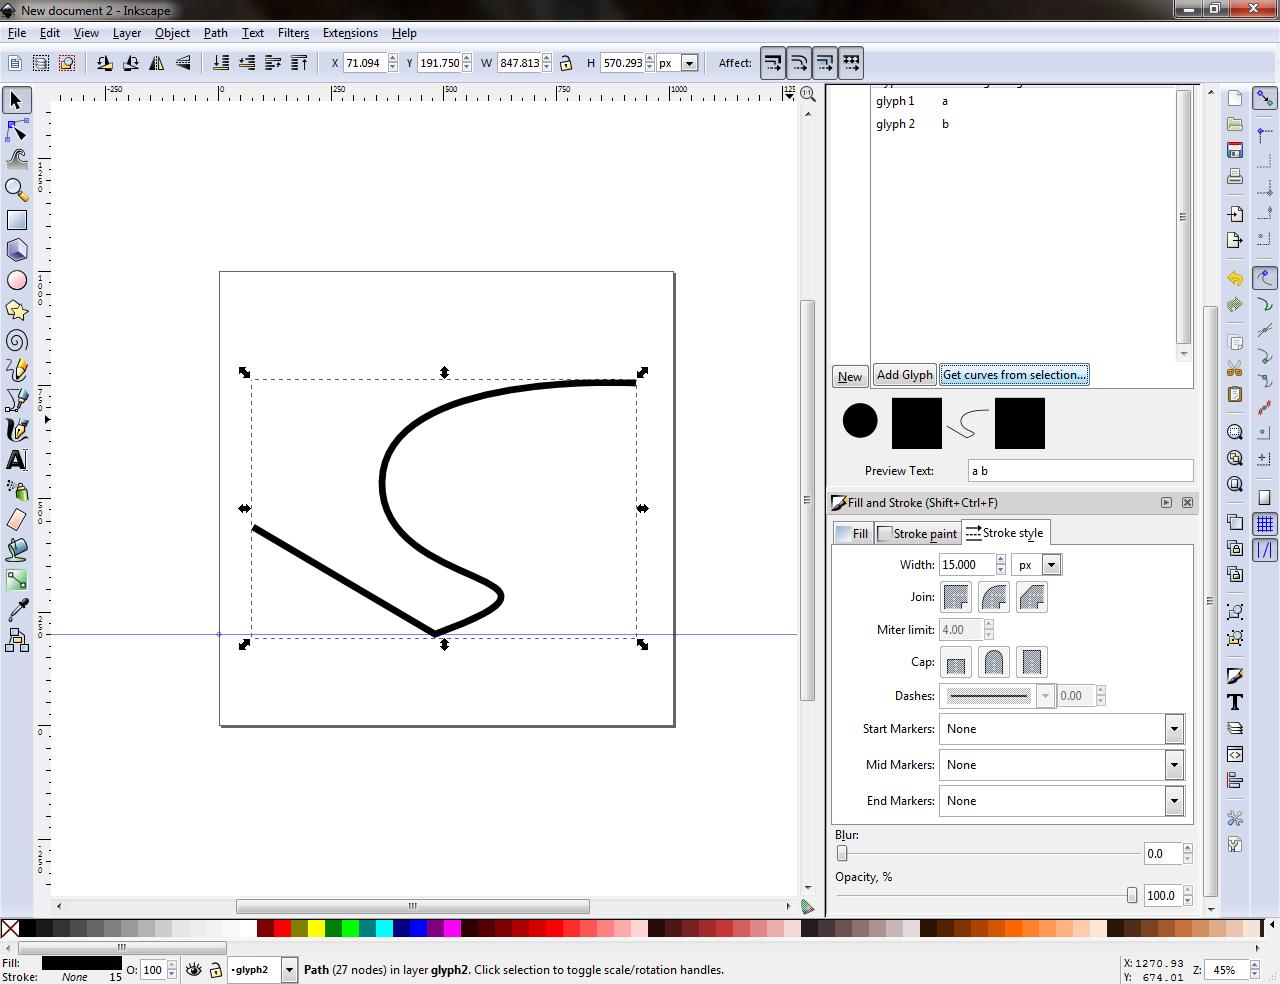 Fancy, glyphified curve